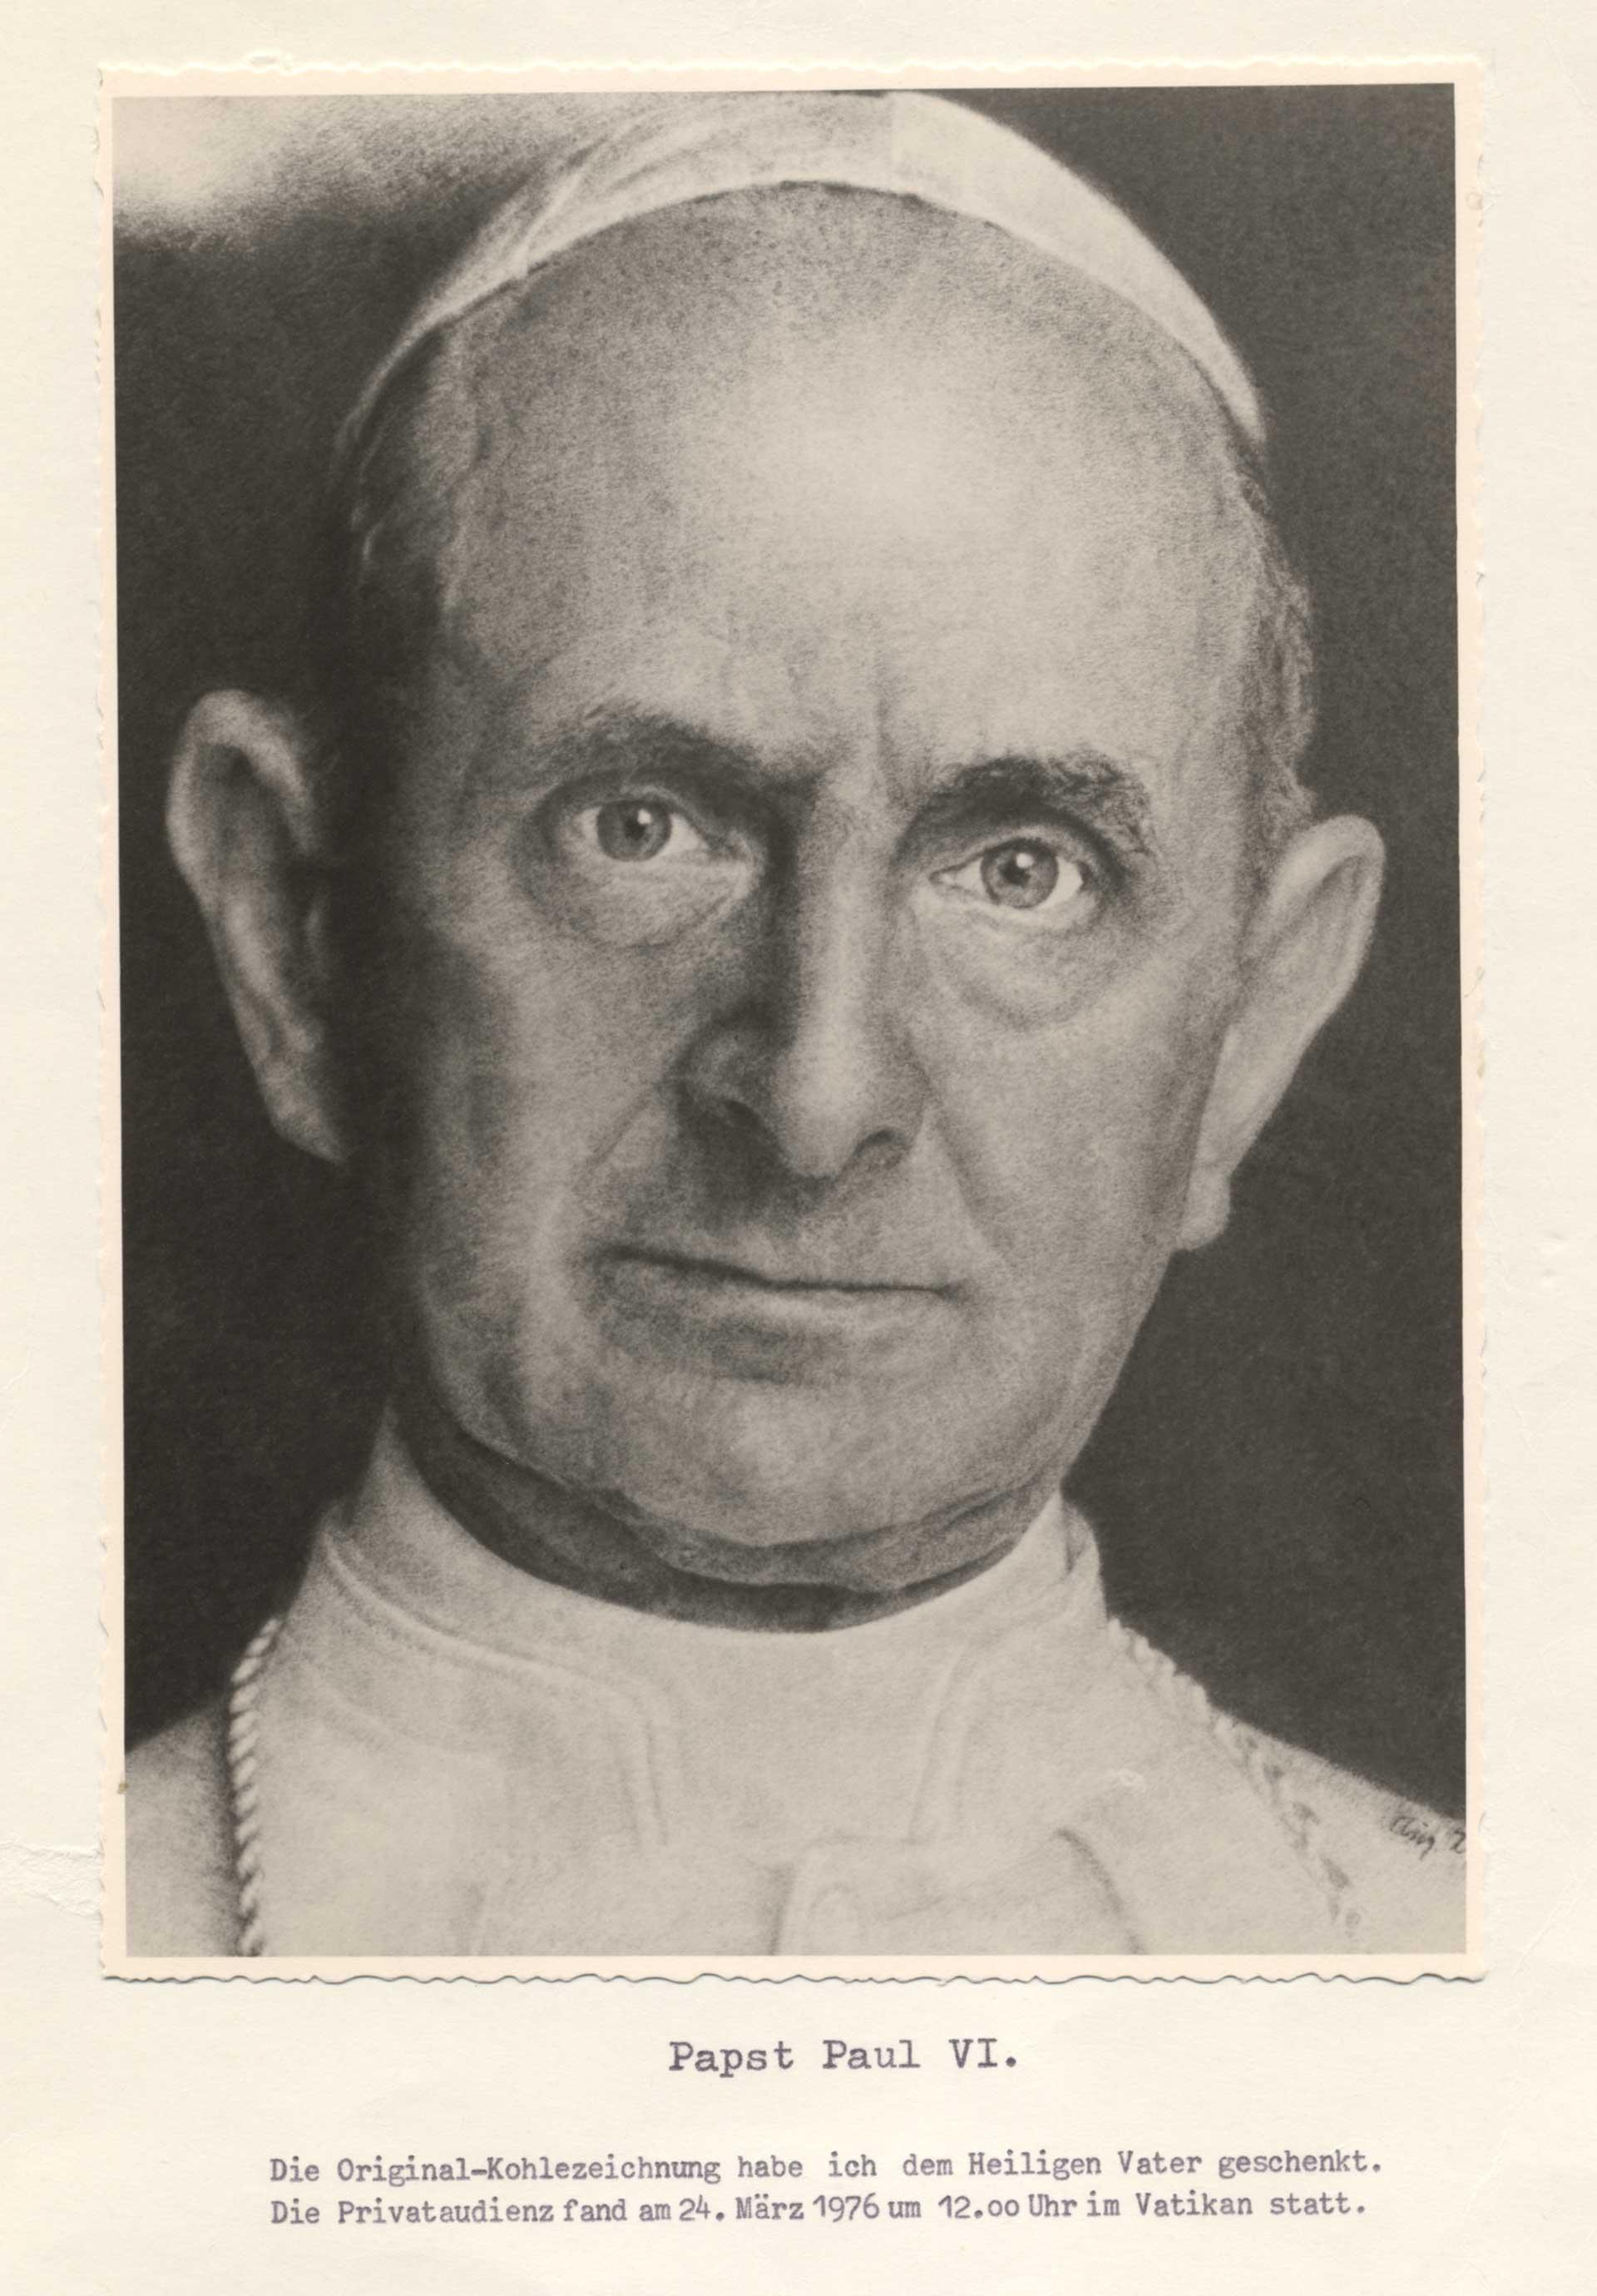 Papst Paul VI